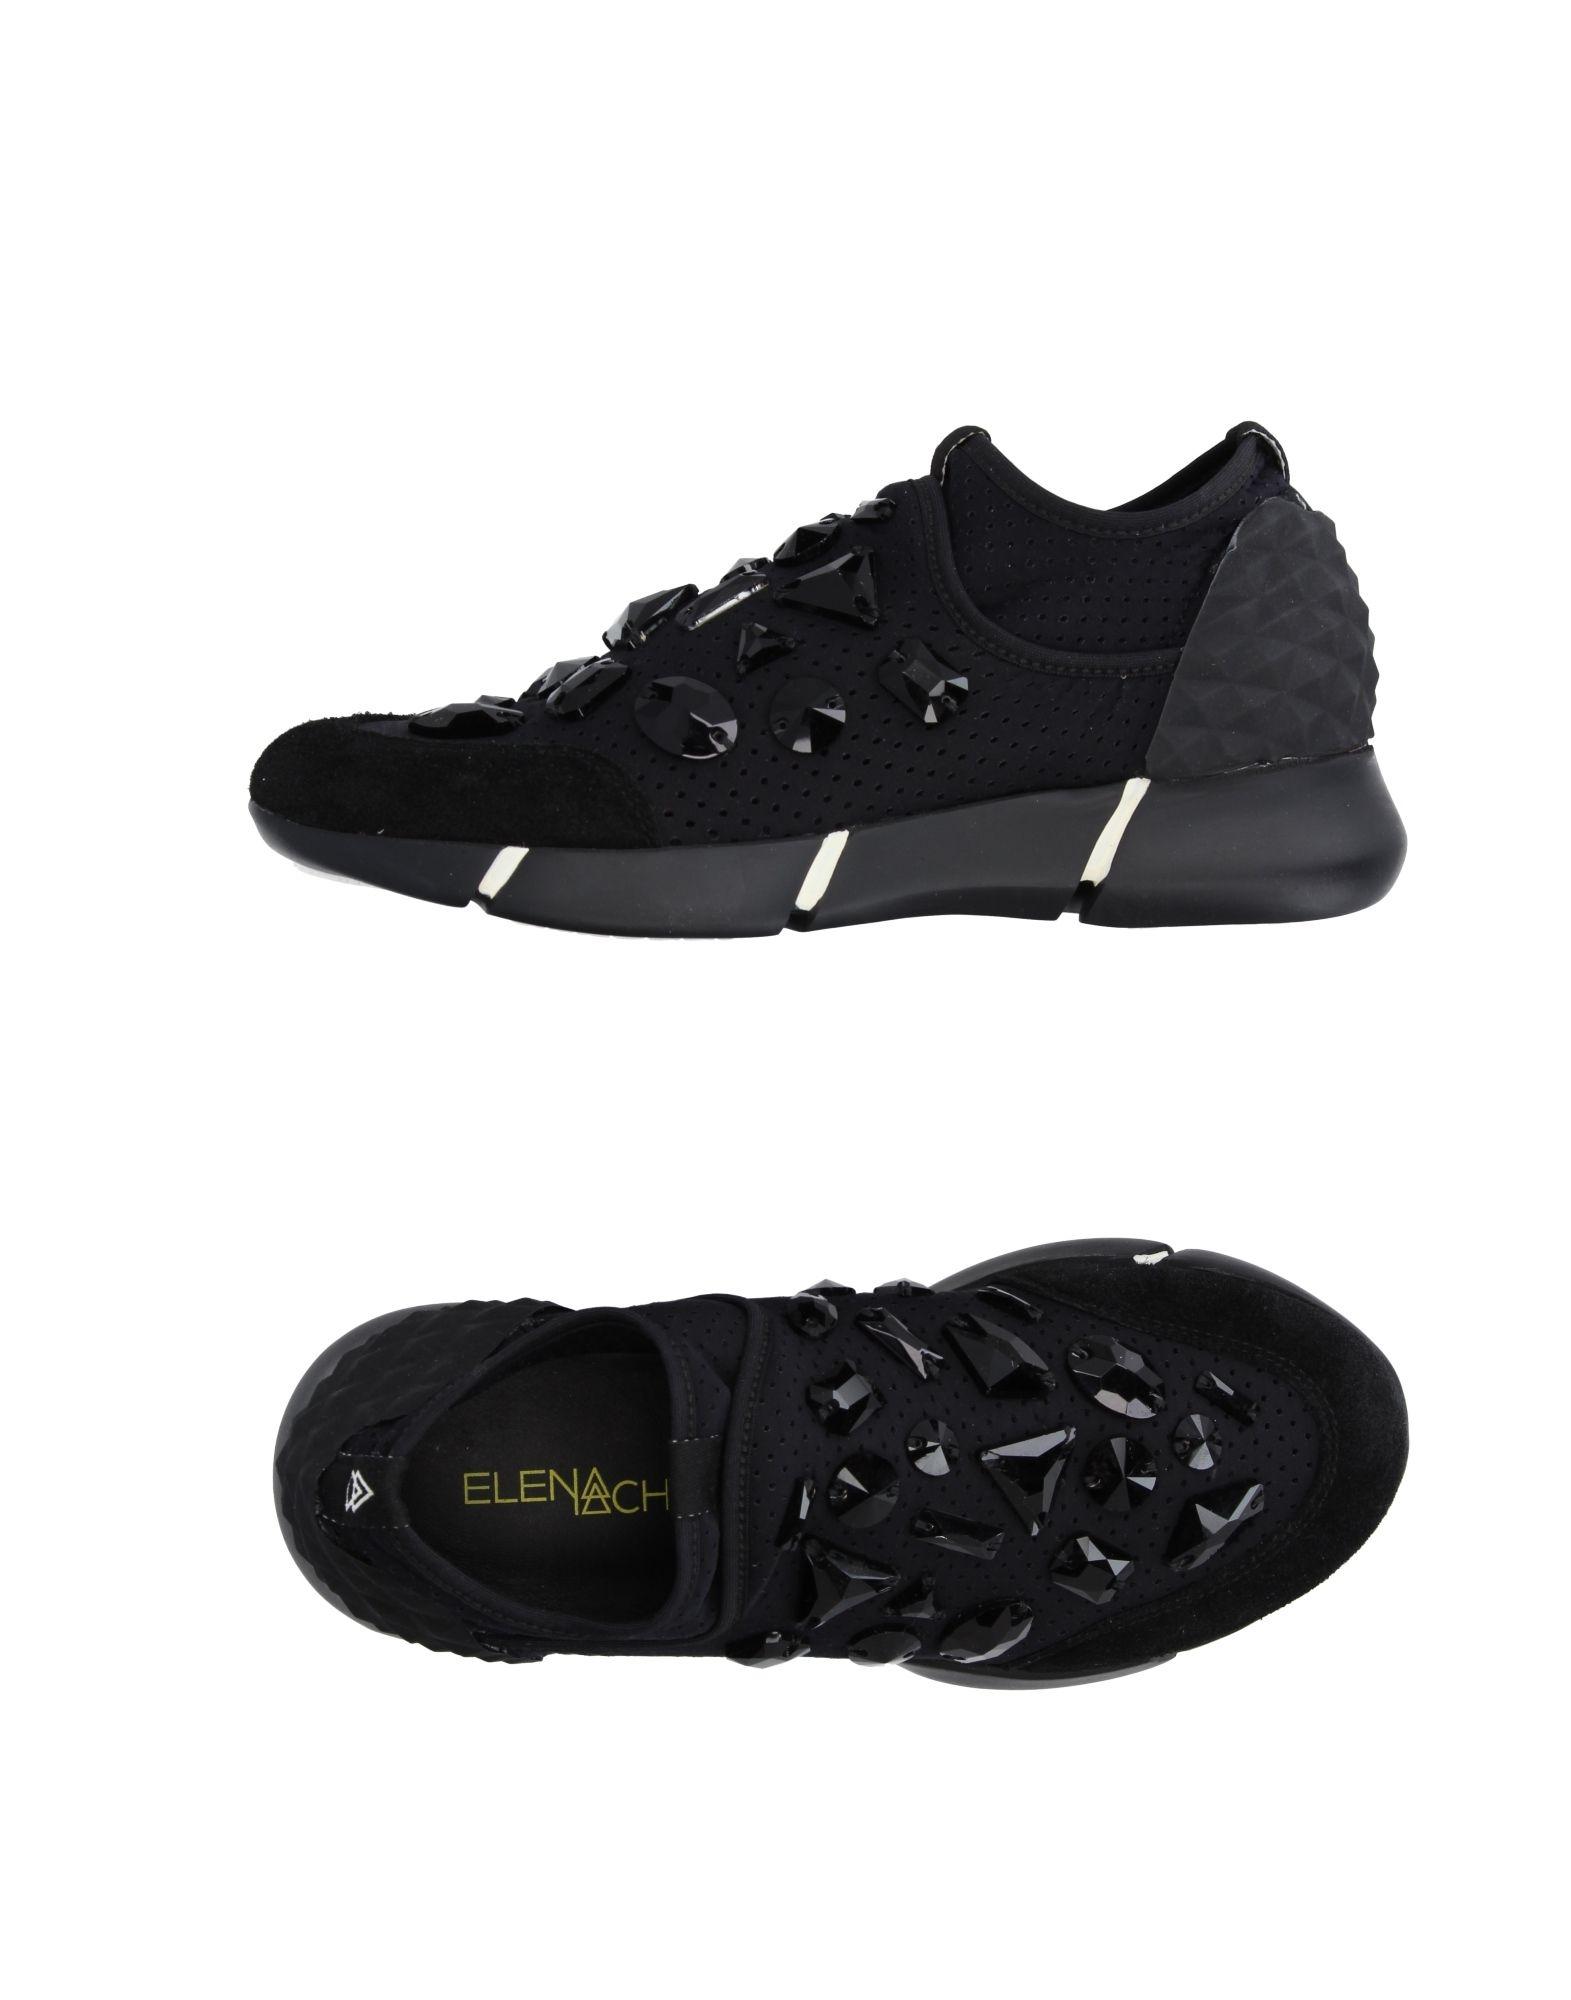 Elena Elena Elena Iachi Sneakers Damen  11203248OT Neue Schuhe fef61f